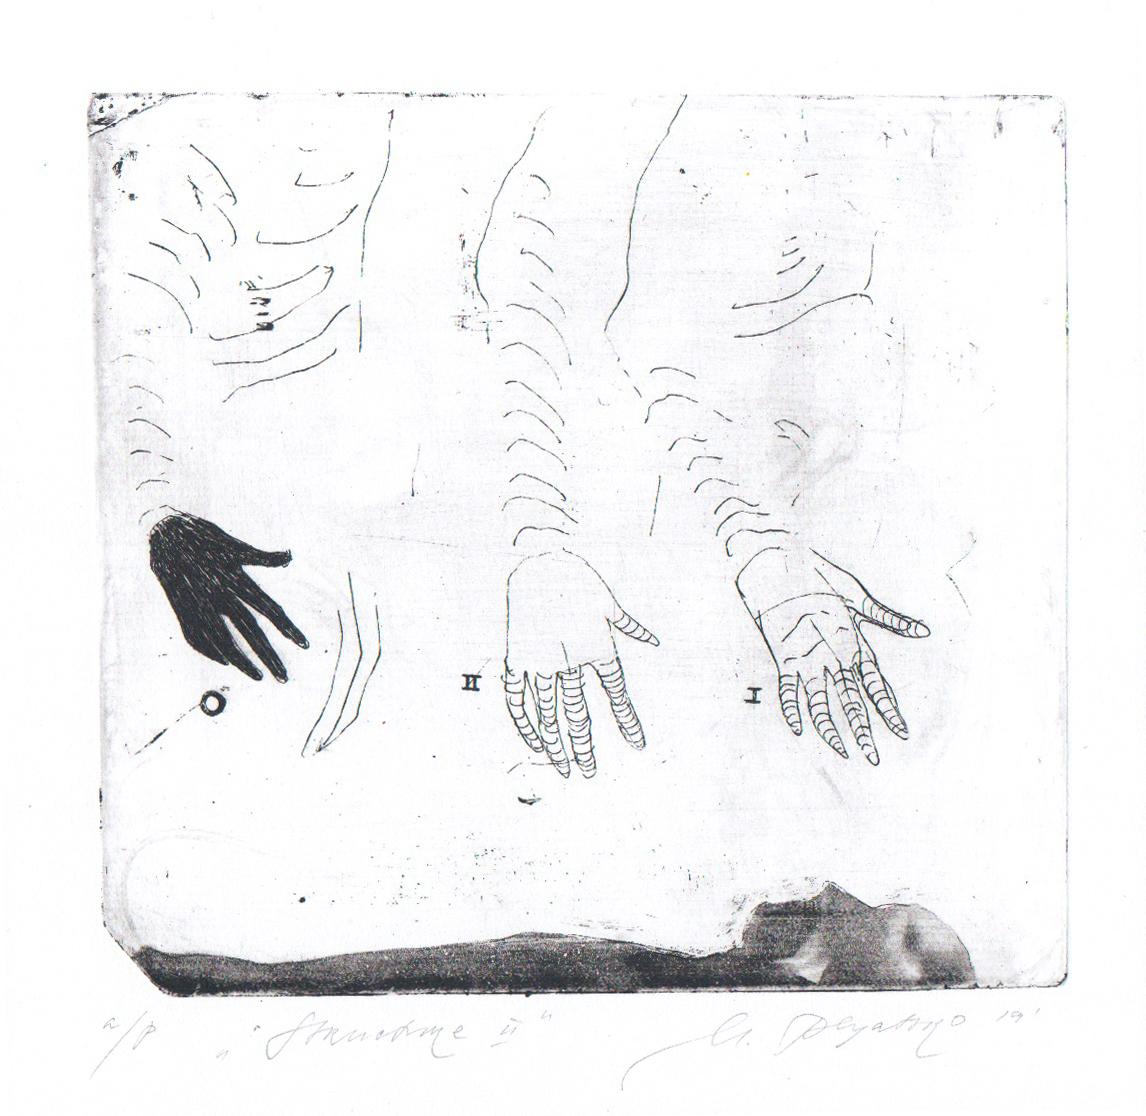 Марія Пляцко. Структура 2, 2019; офорт, 13х18